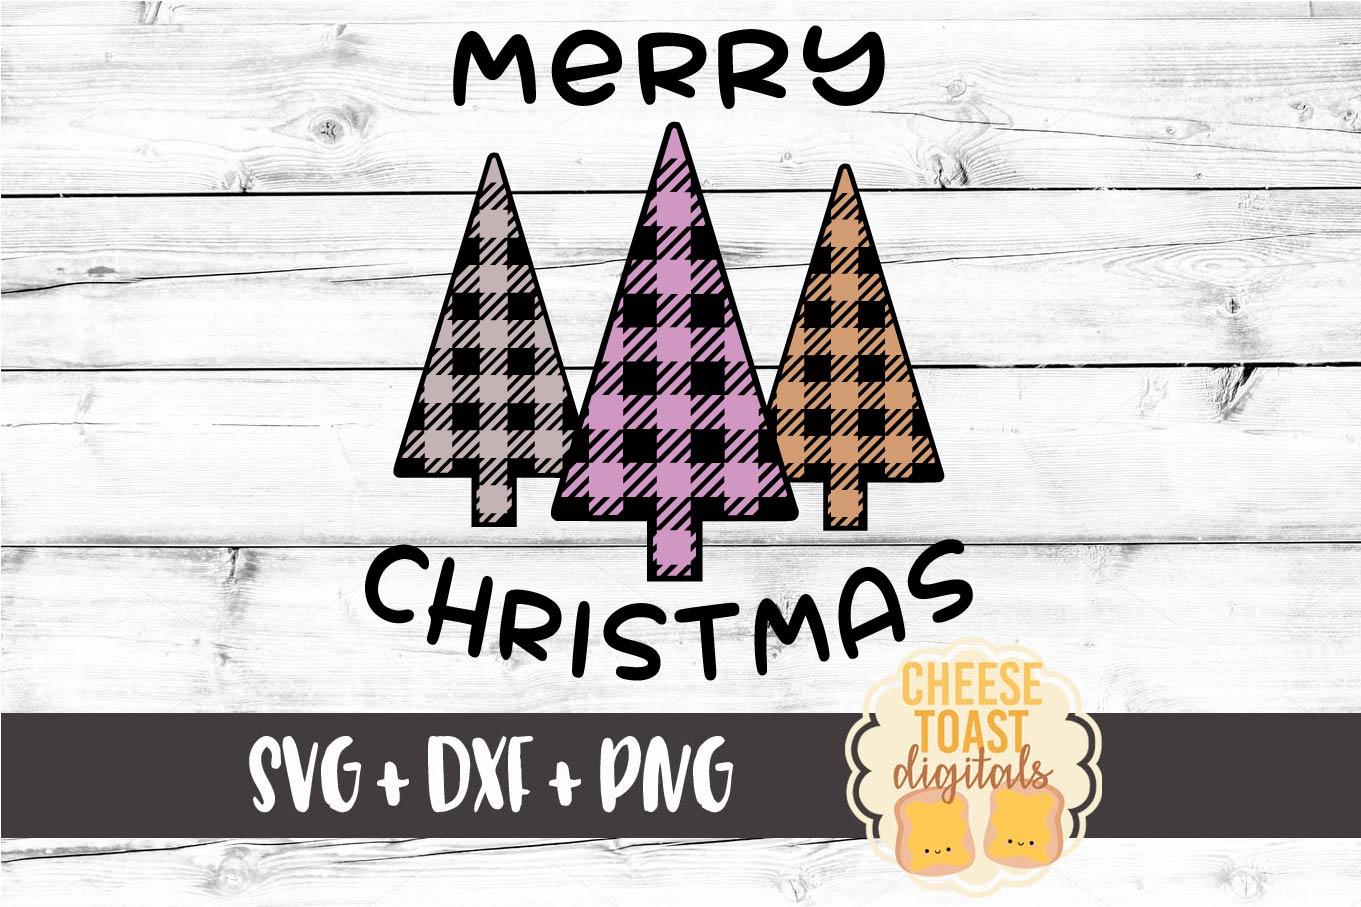 Merry Christmas Buffalo Plaid Trees - Christmas SVG Files example image 3